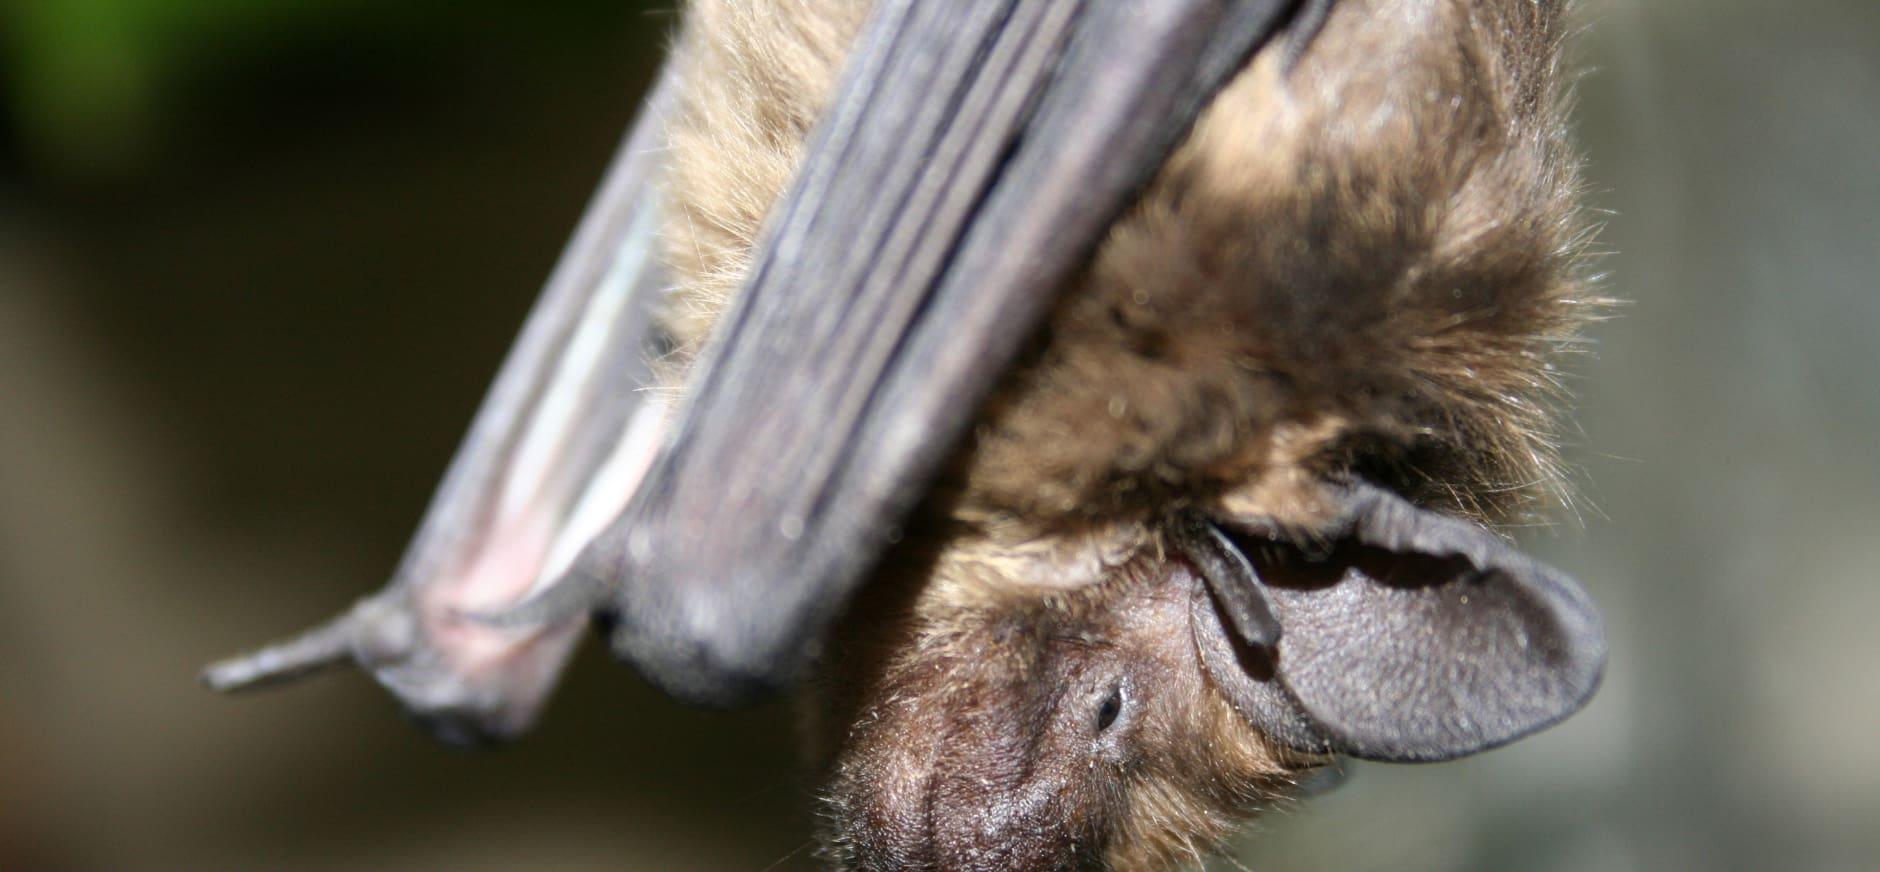 Meer vleermuizen geteld in Waterloopbos